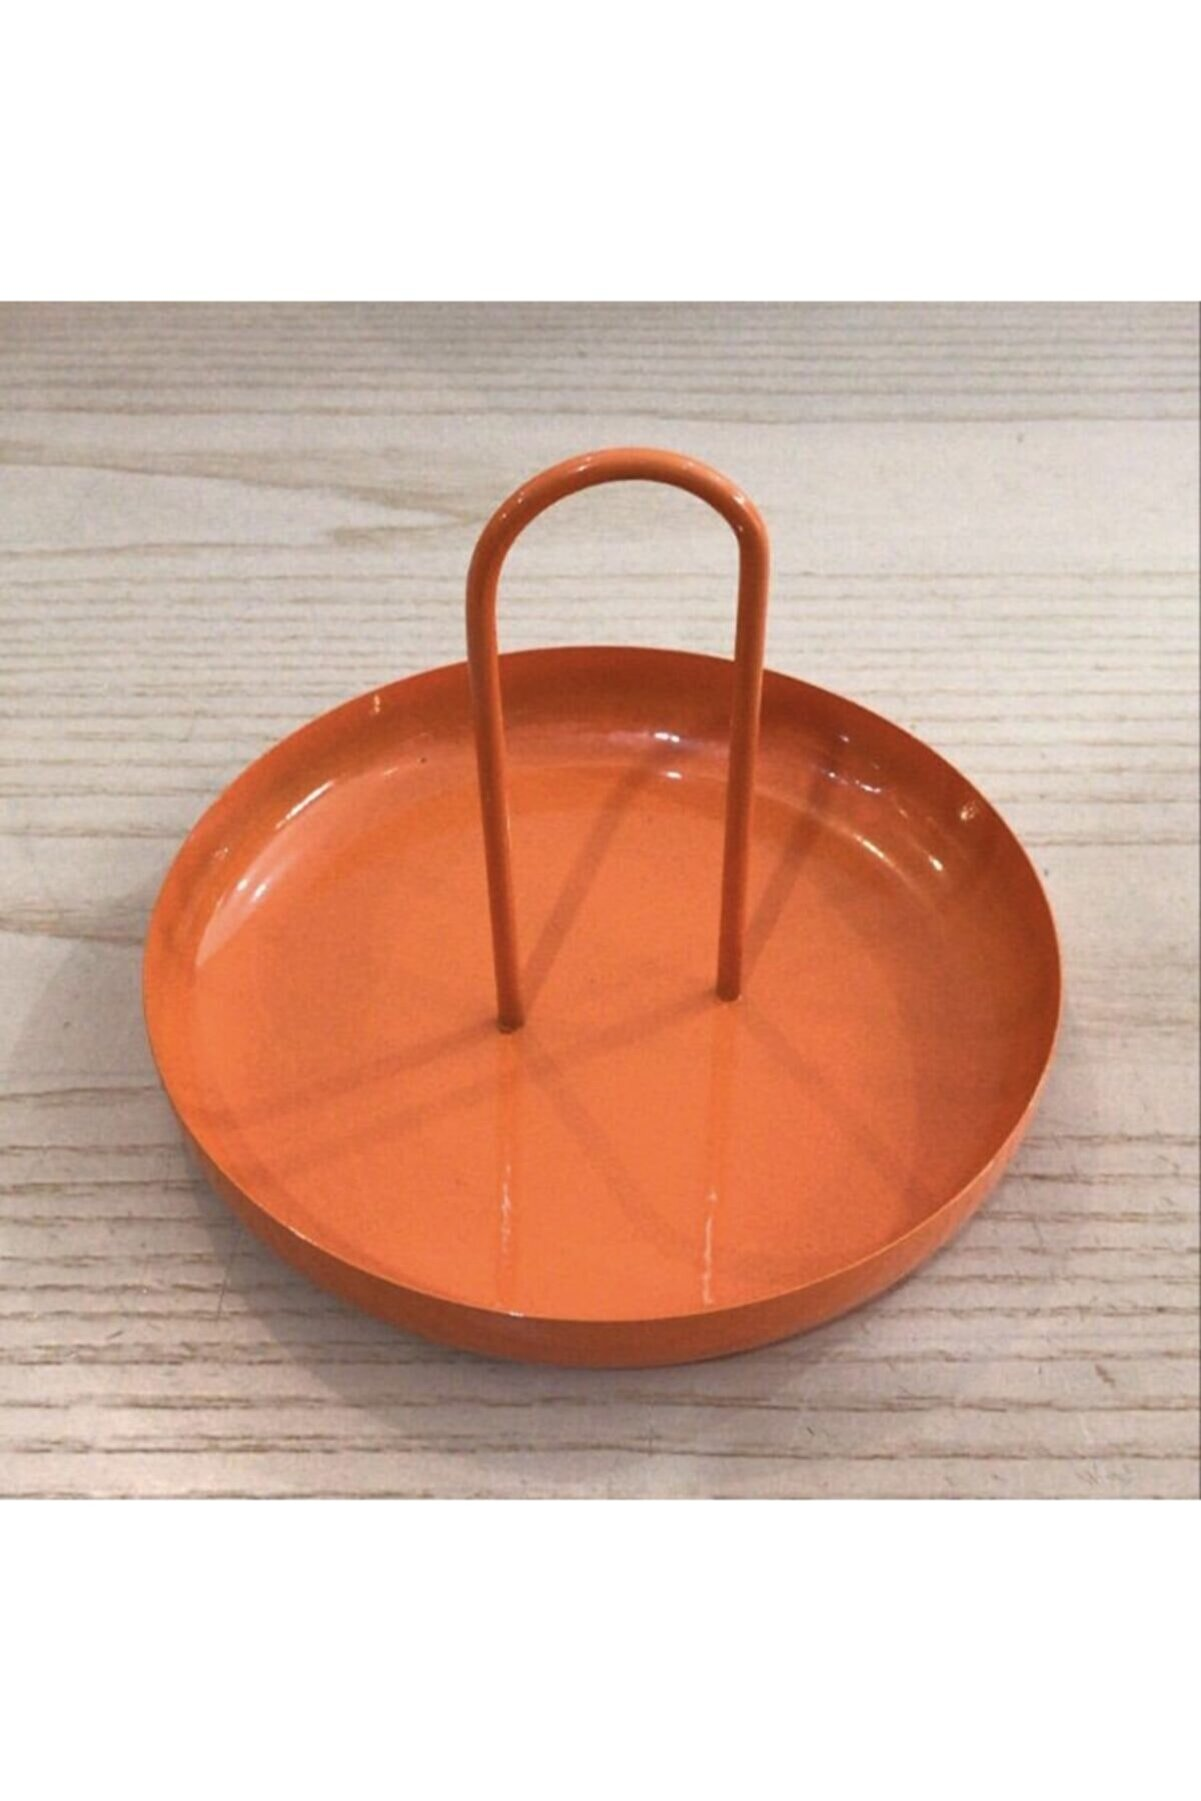 Fiyakalı Ürünler Makyaj Malzemesi Toparlayıcısı,çerezlik,anahtarlık,metal Sunumluk,dekoratif Tabak (turuncu)